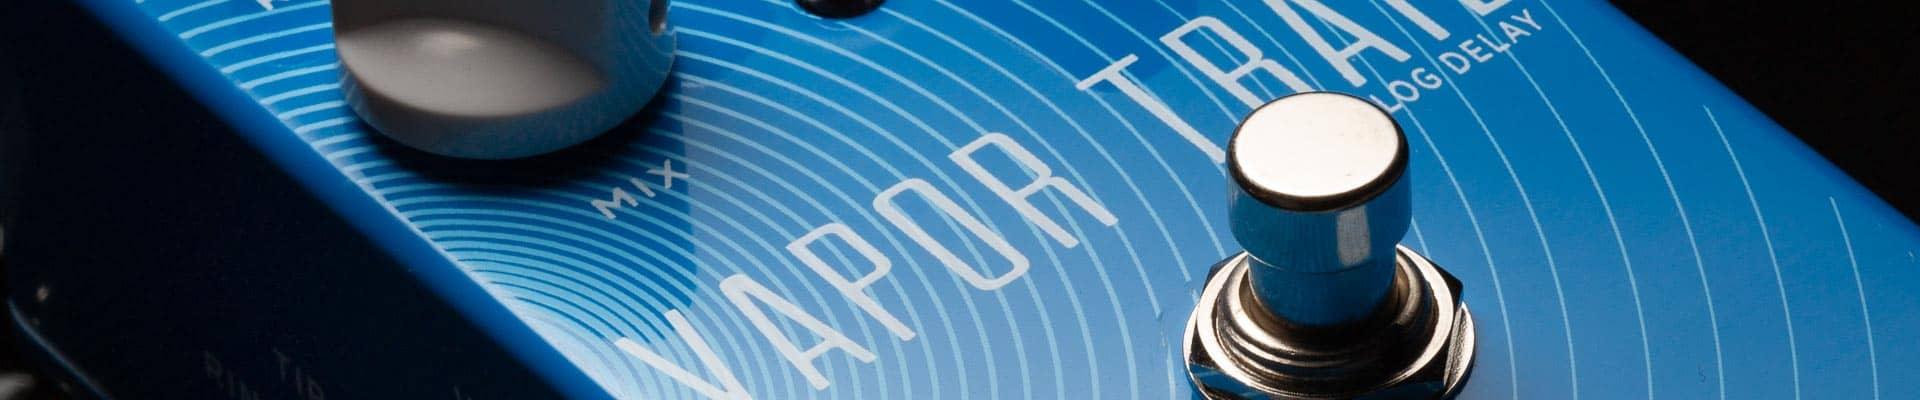 Vapor Trail banner